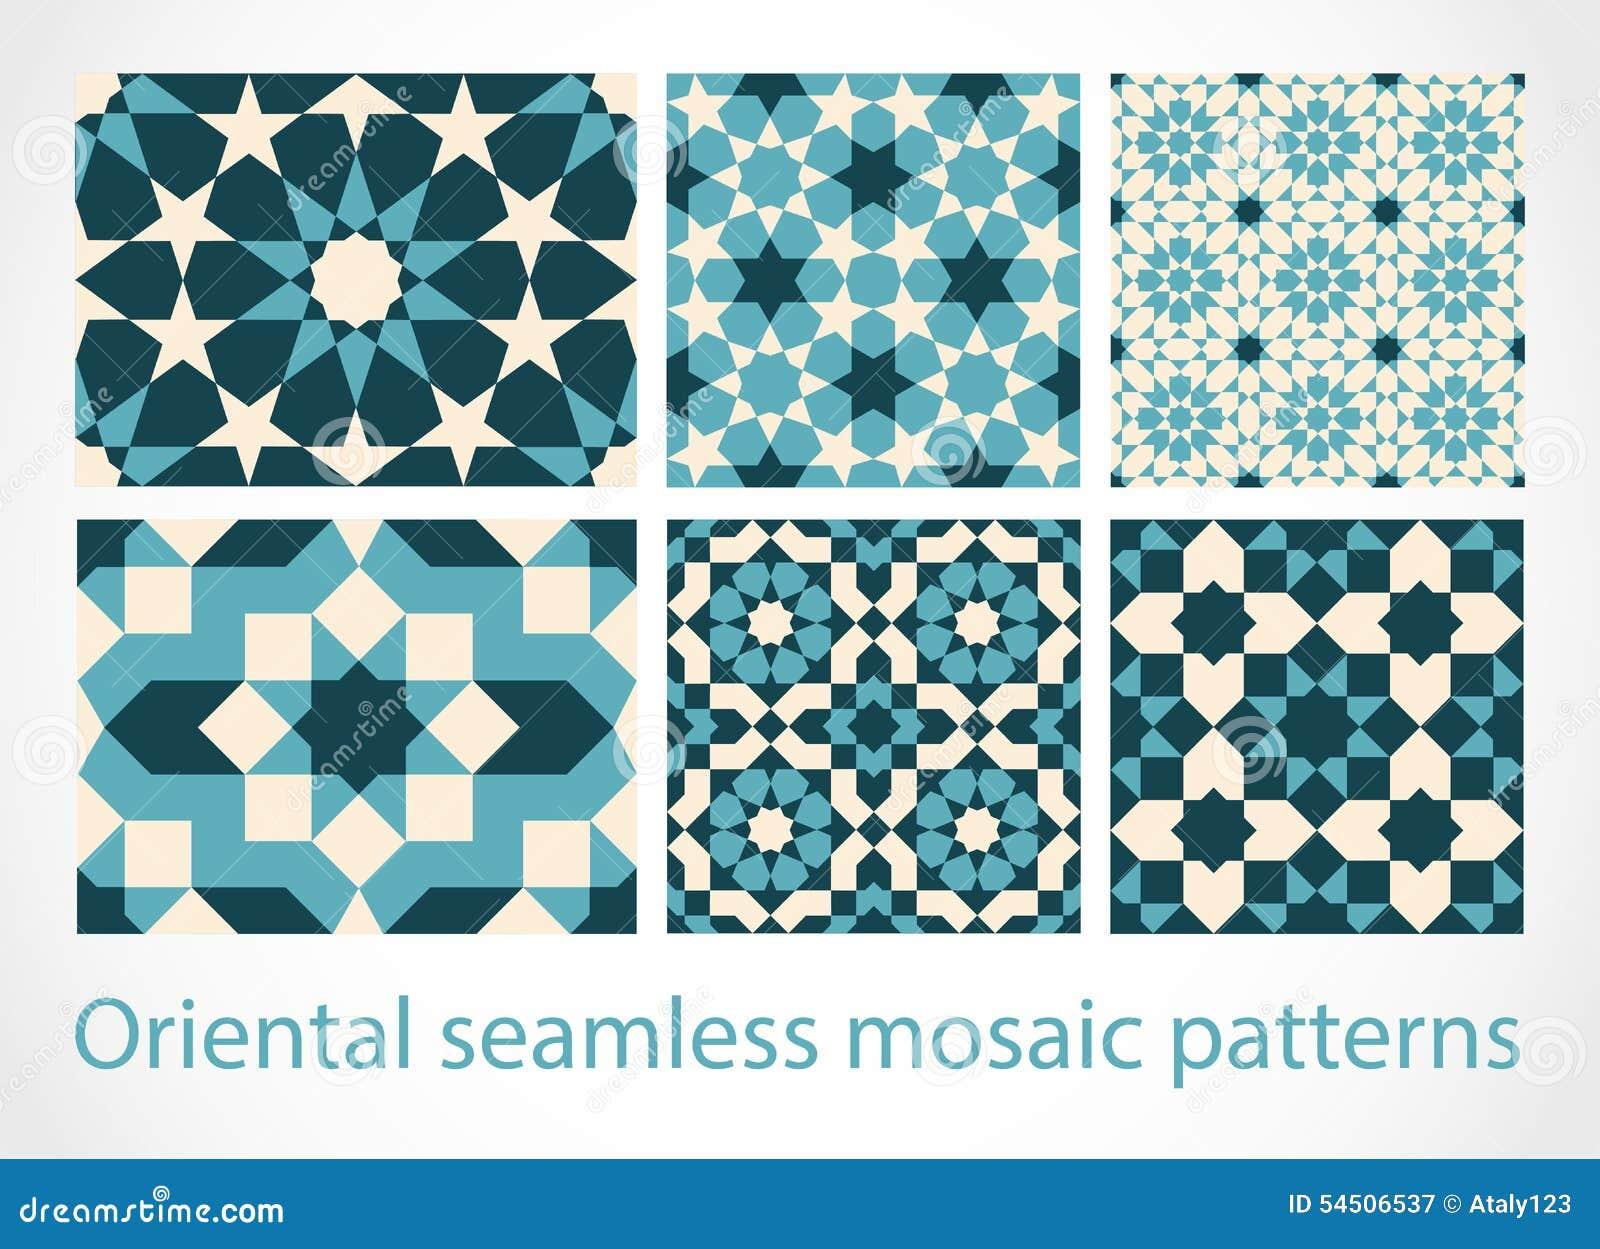 Modèles de mosaïque sans couture orientaux